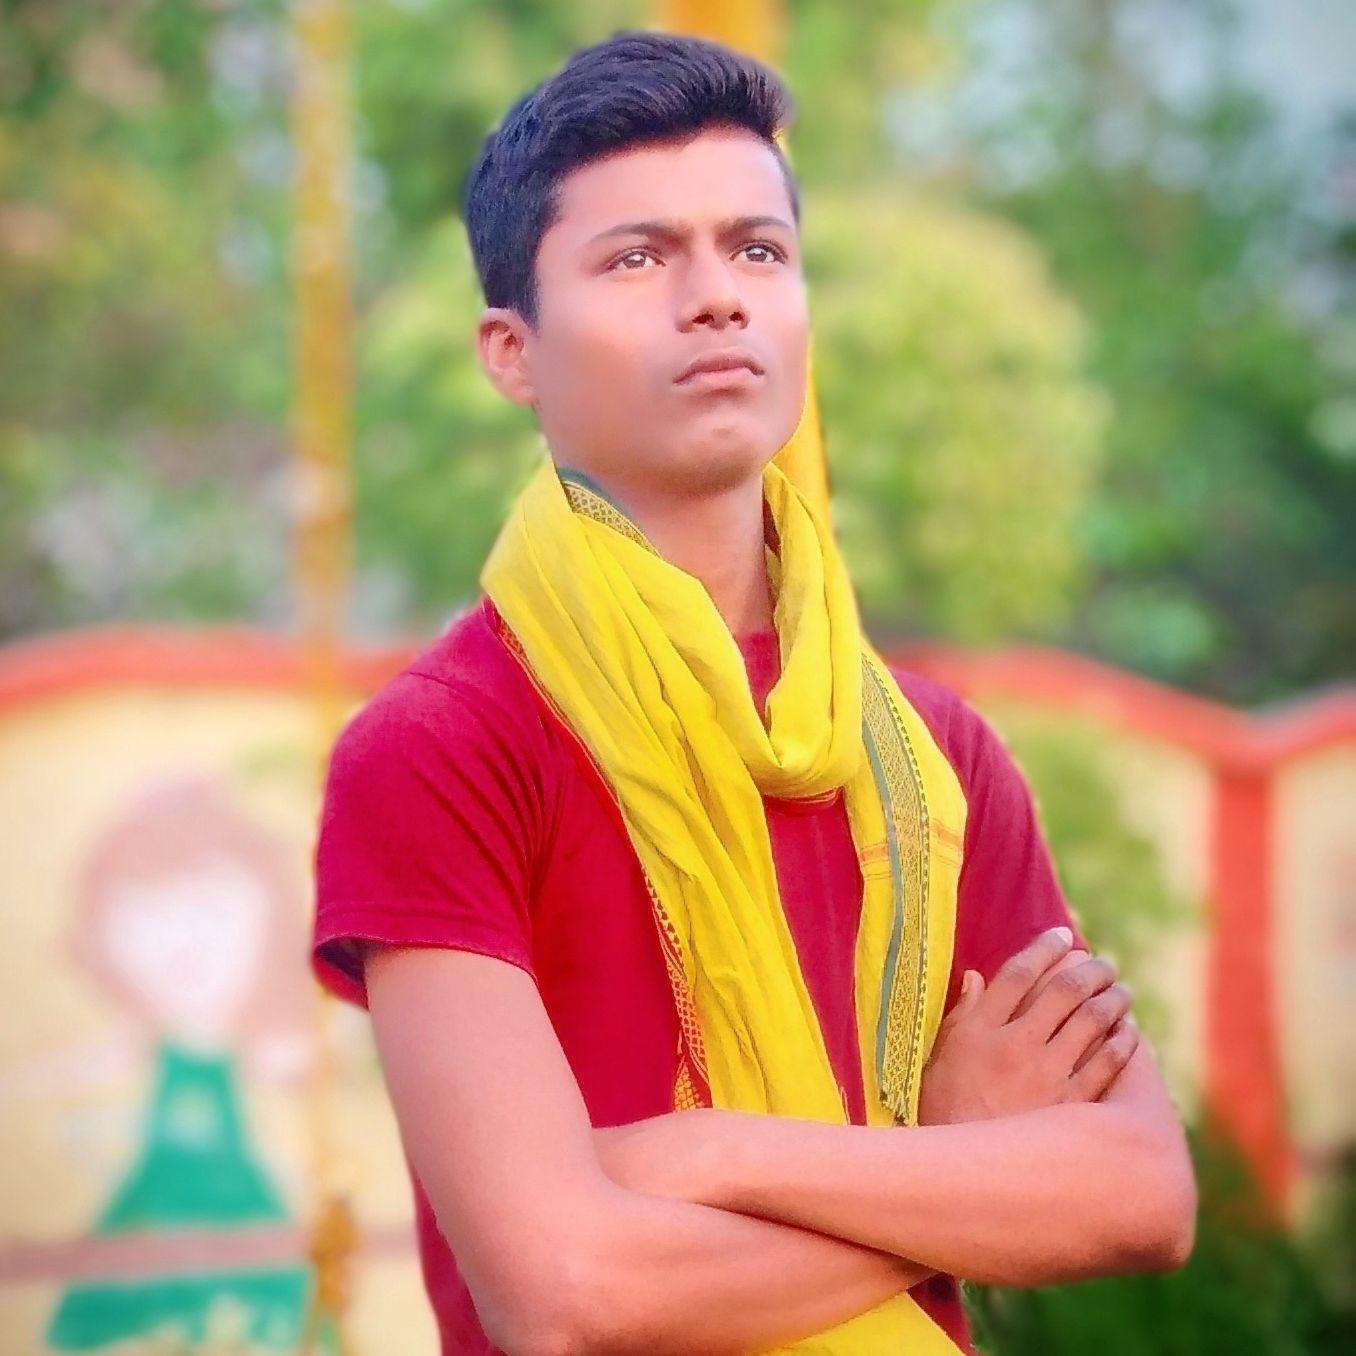 shailesh Vishwakarma